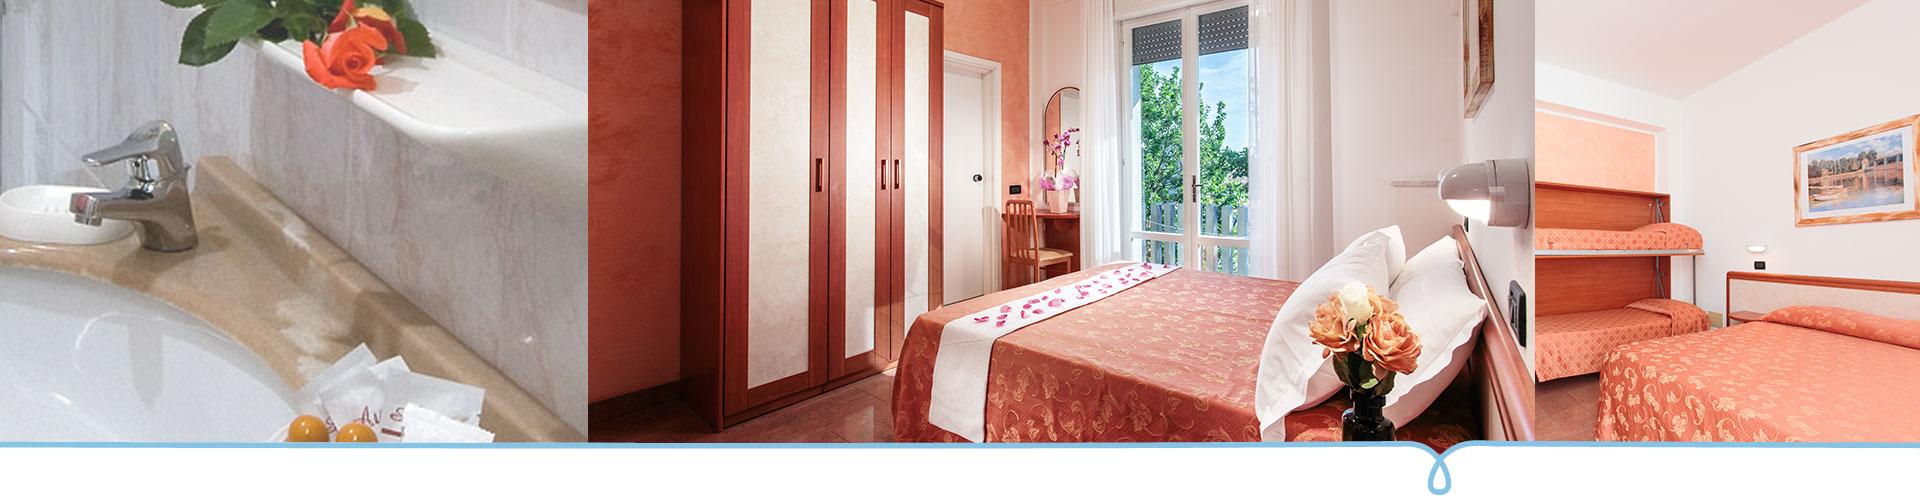 Zimmer mit Klimaanlage und Komfort | Hotel Garden Igea Marina